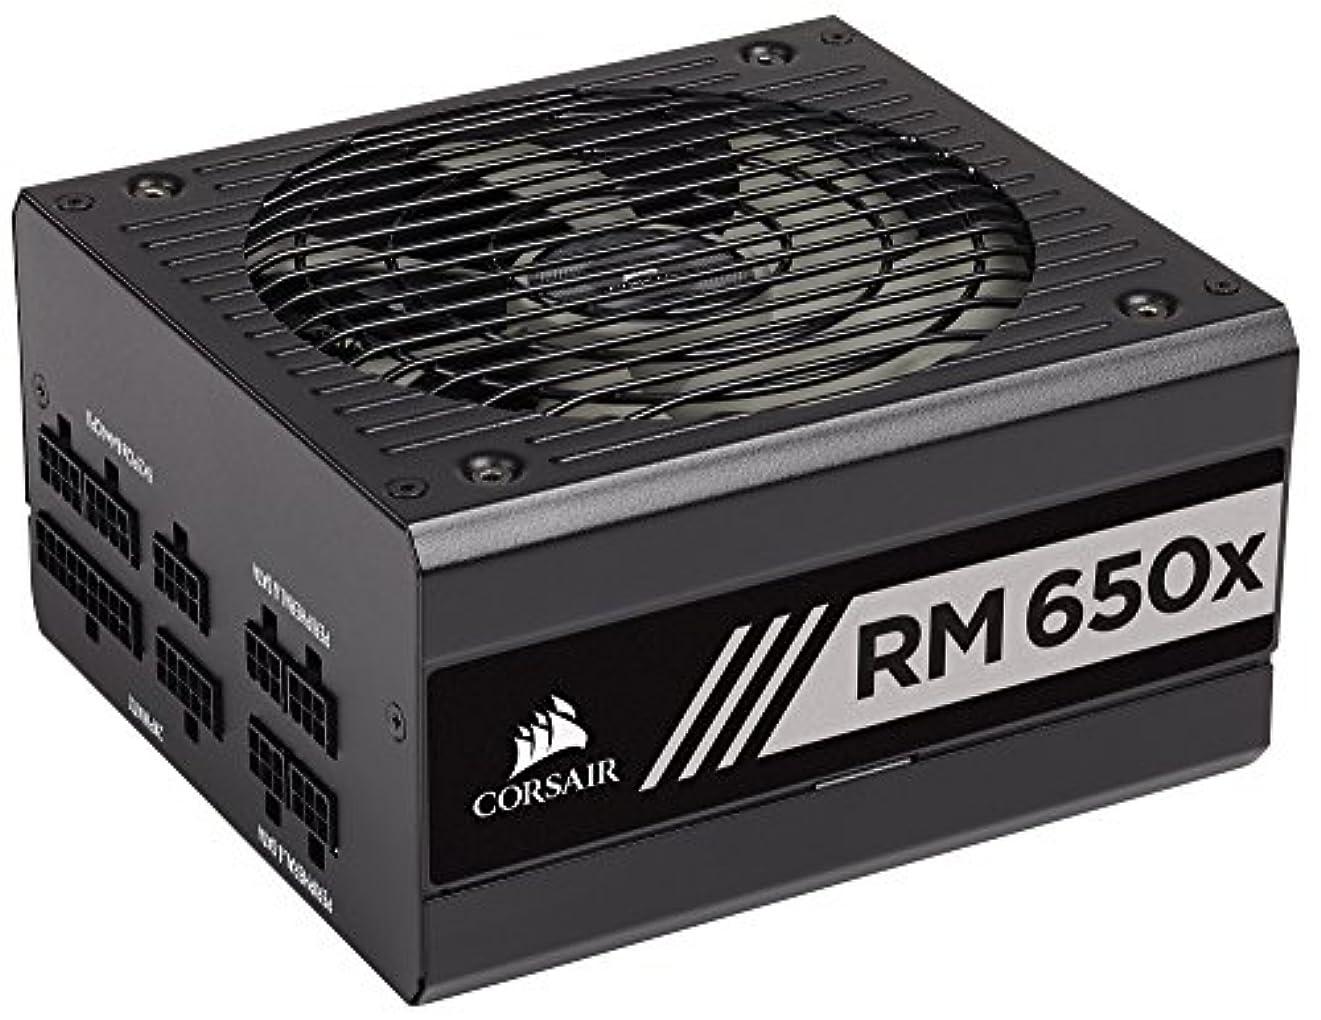 プレゼンテーション三角ツーリストCorsair RM650x -2018-650W PC電源ユニット [80PLUS GOLD] PS805 CP-9020178-JP